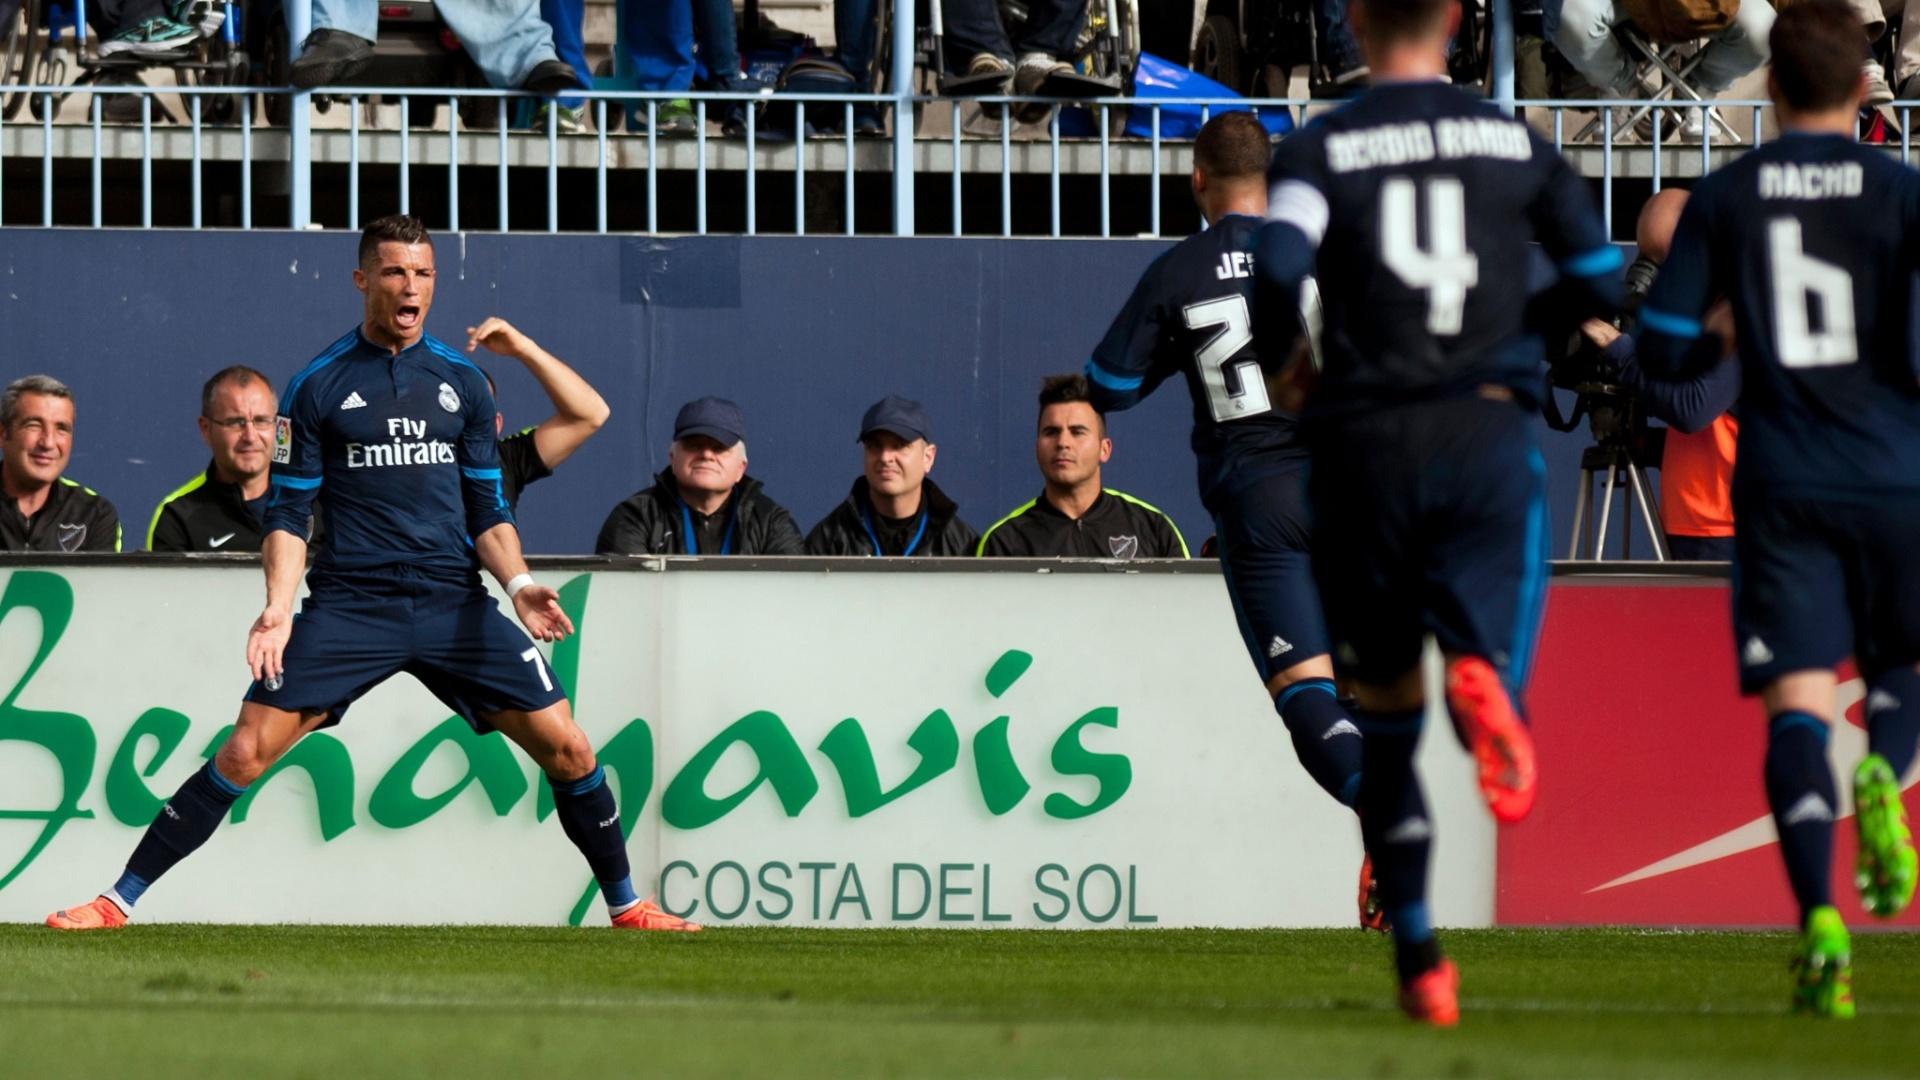 Cristiano Ronaldo comemora gol marcado de cabeça pelo Real Madrid em jogo fora de casa contra o Málaga